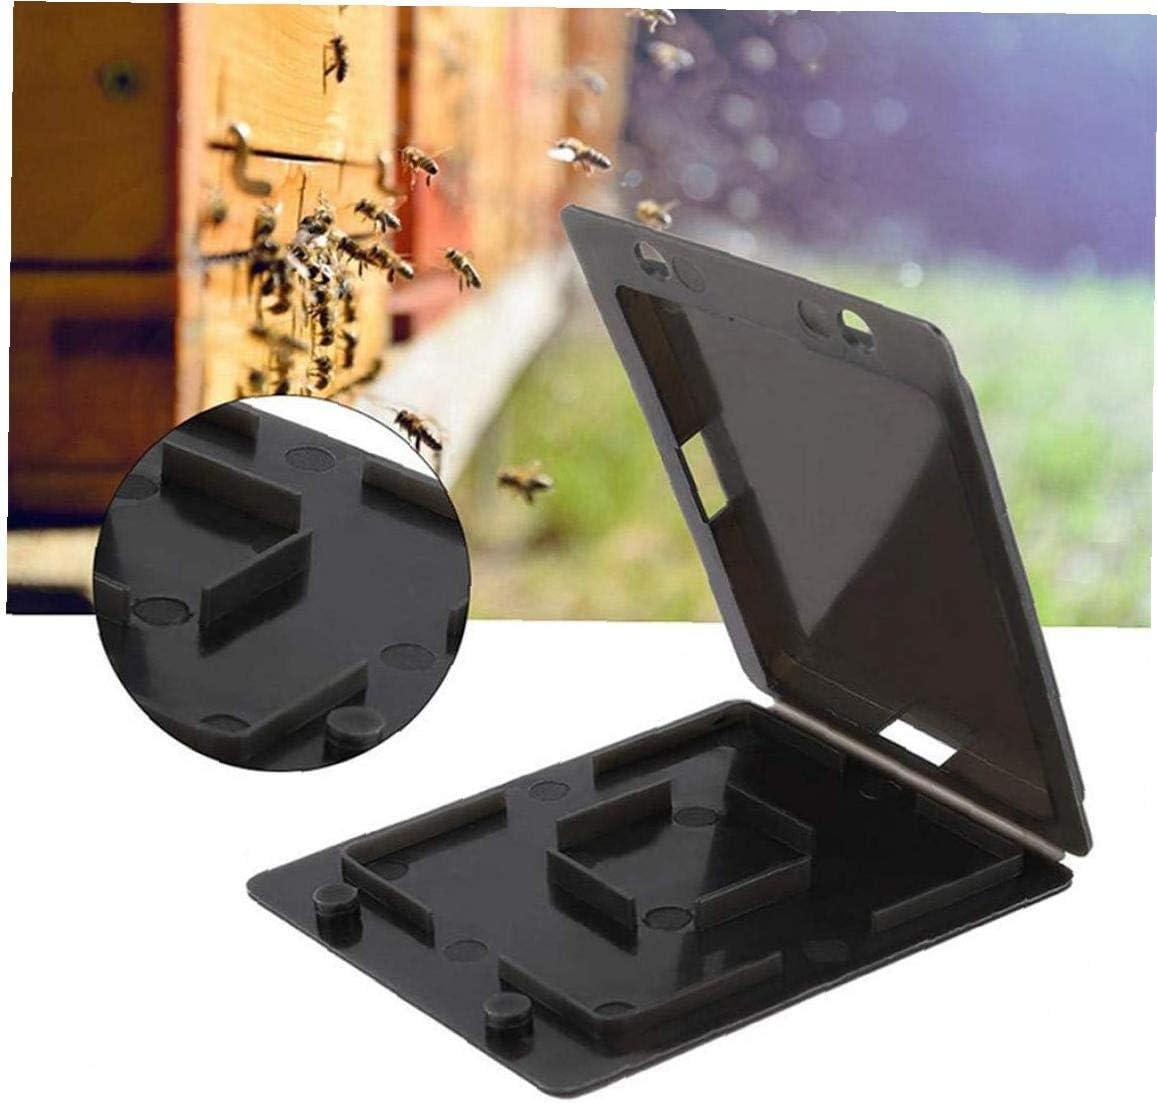 Yililay 10PCS plástico Durable de la Apicultura Escarabajo de la Colmena Escarabajo colector Trampa Trampa Trampa pequeño Escarabajo de la Colmena Caso Negro Herramienta Apicultor